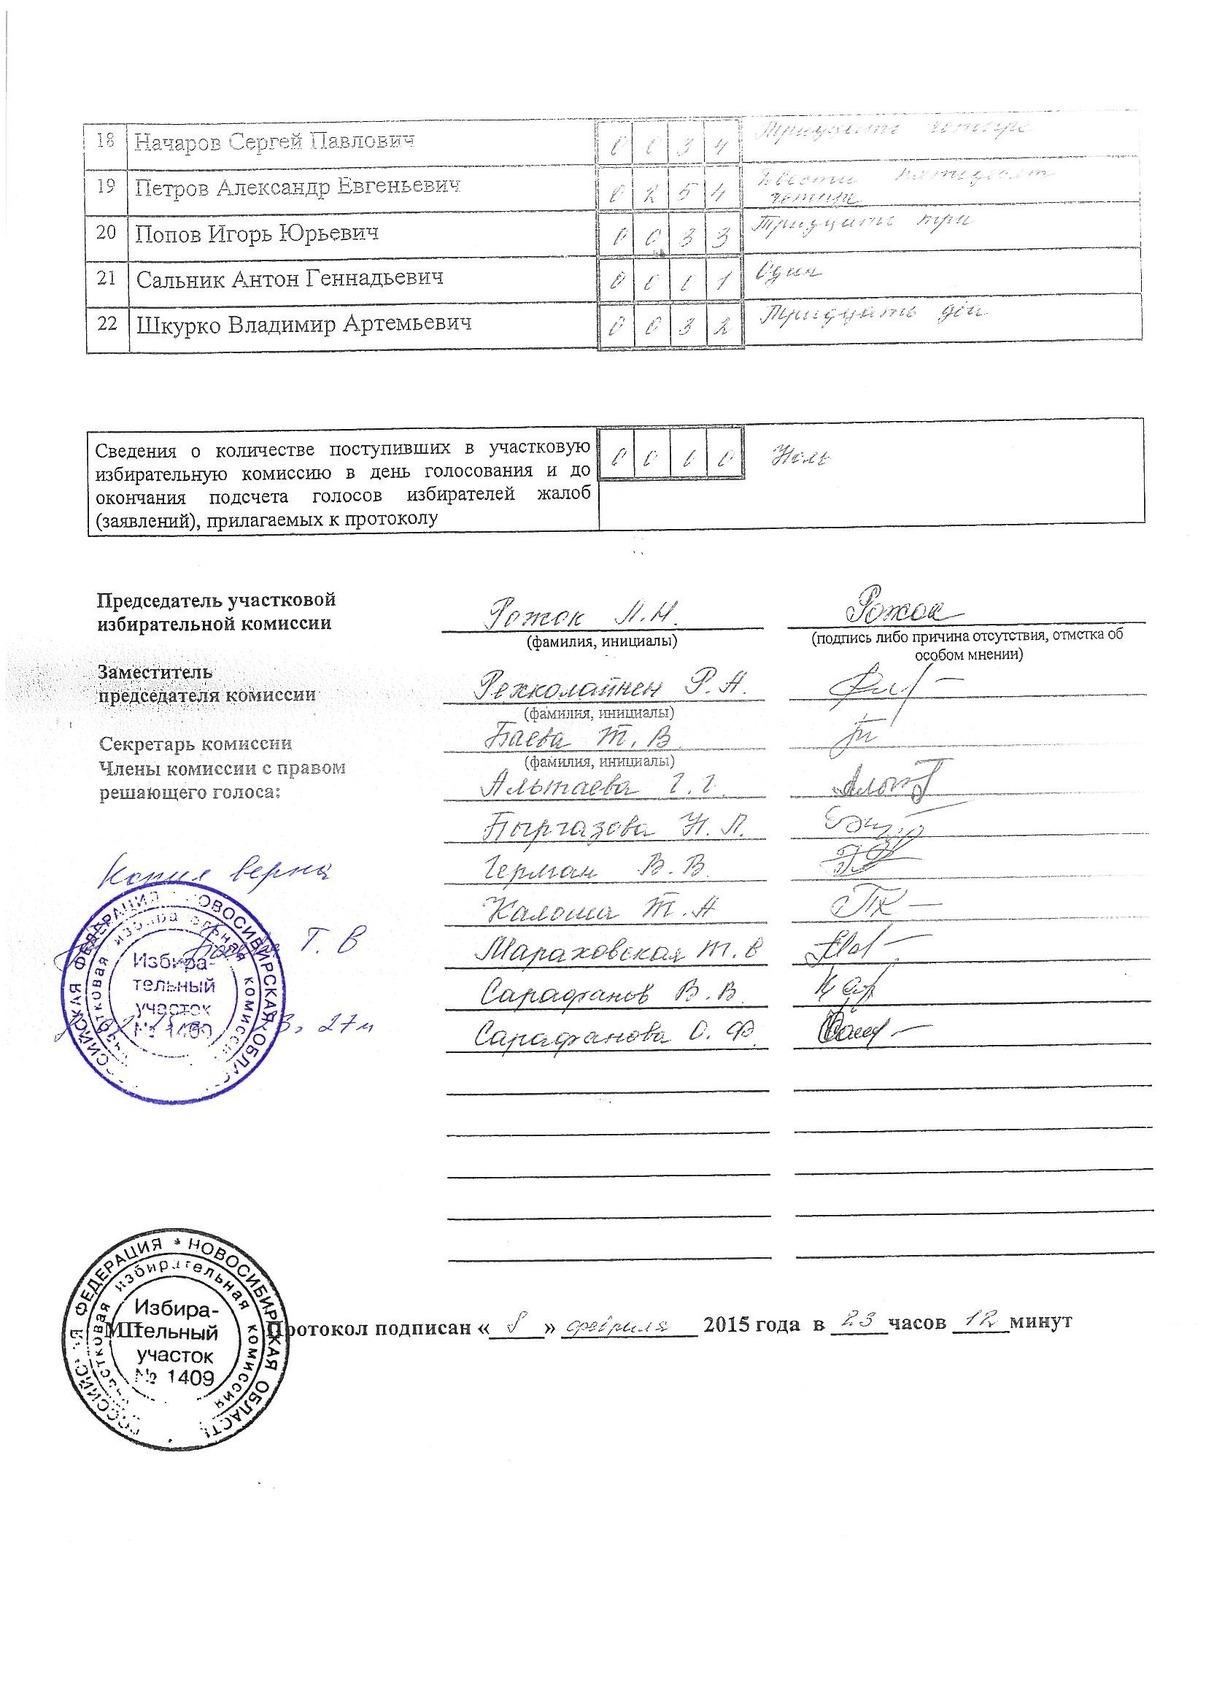 УИК №1409_2